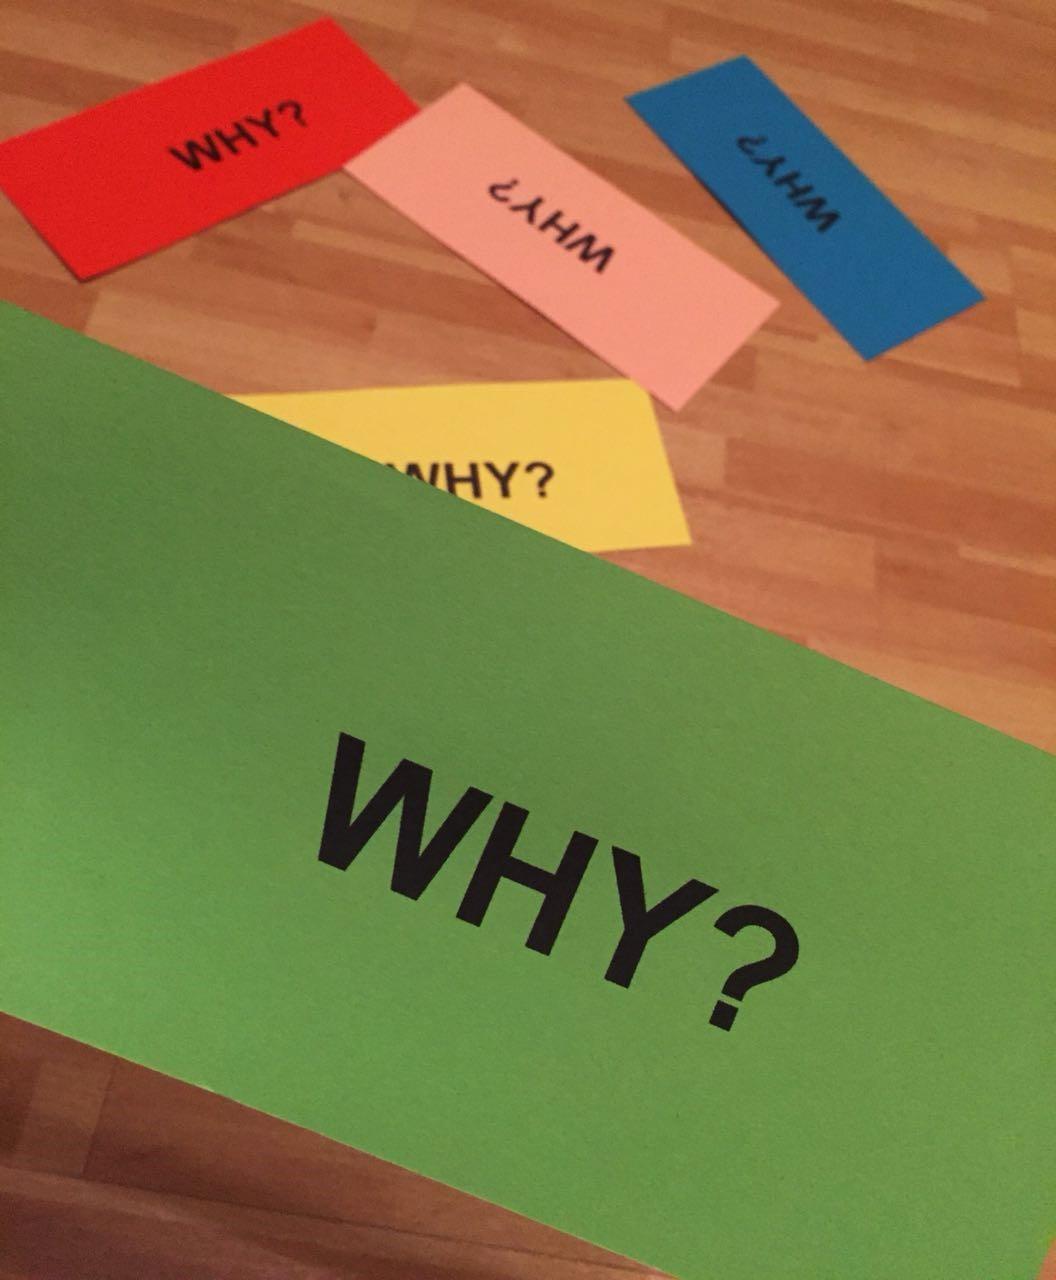 Bild über die fünf-mal-warum Frage